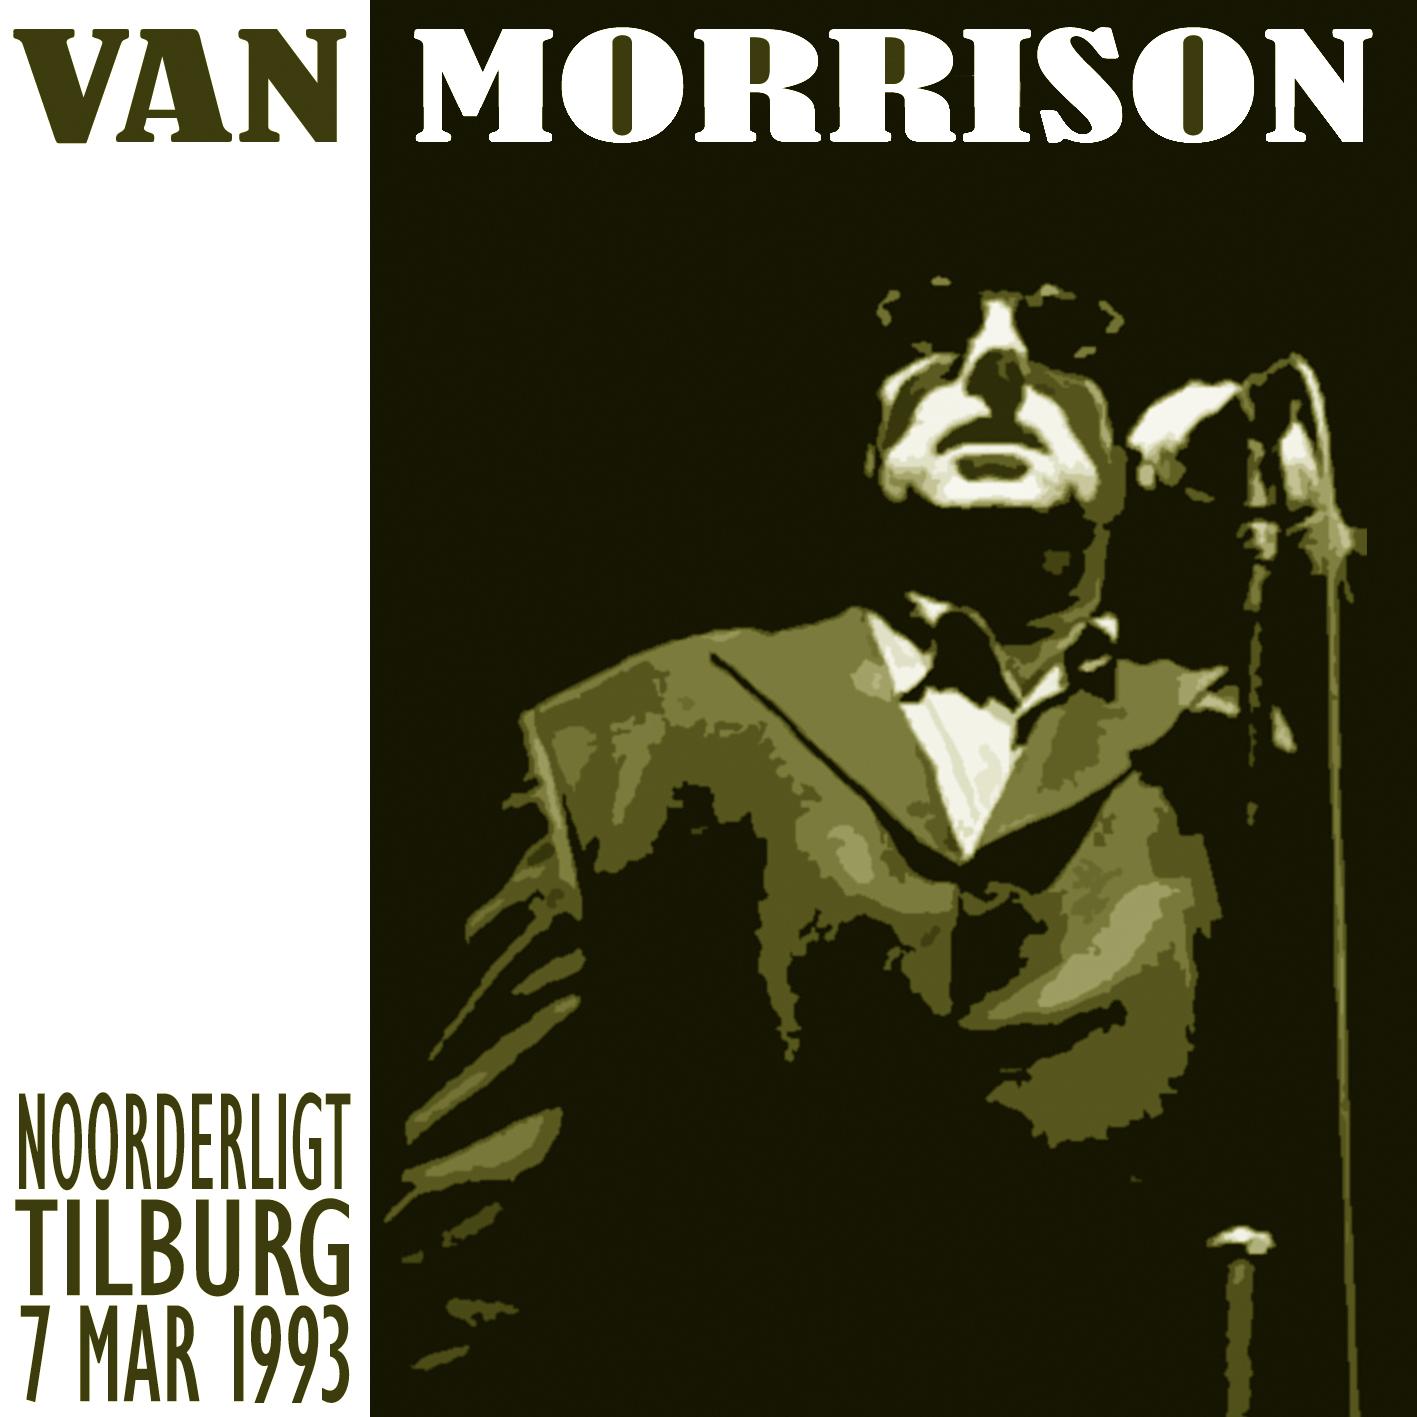 VanMorrison1993-03-07NoorderligtTilburgHolland.jpg